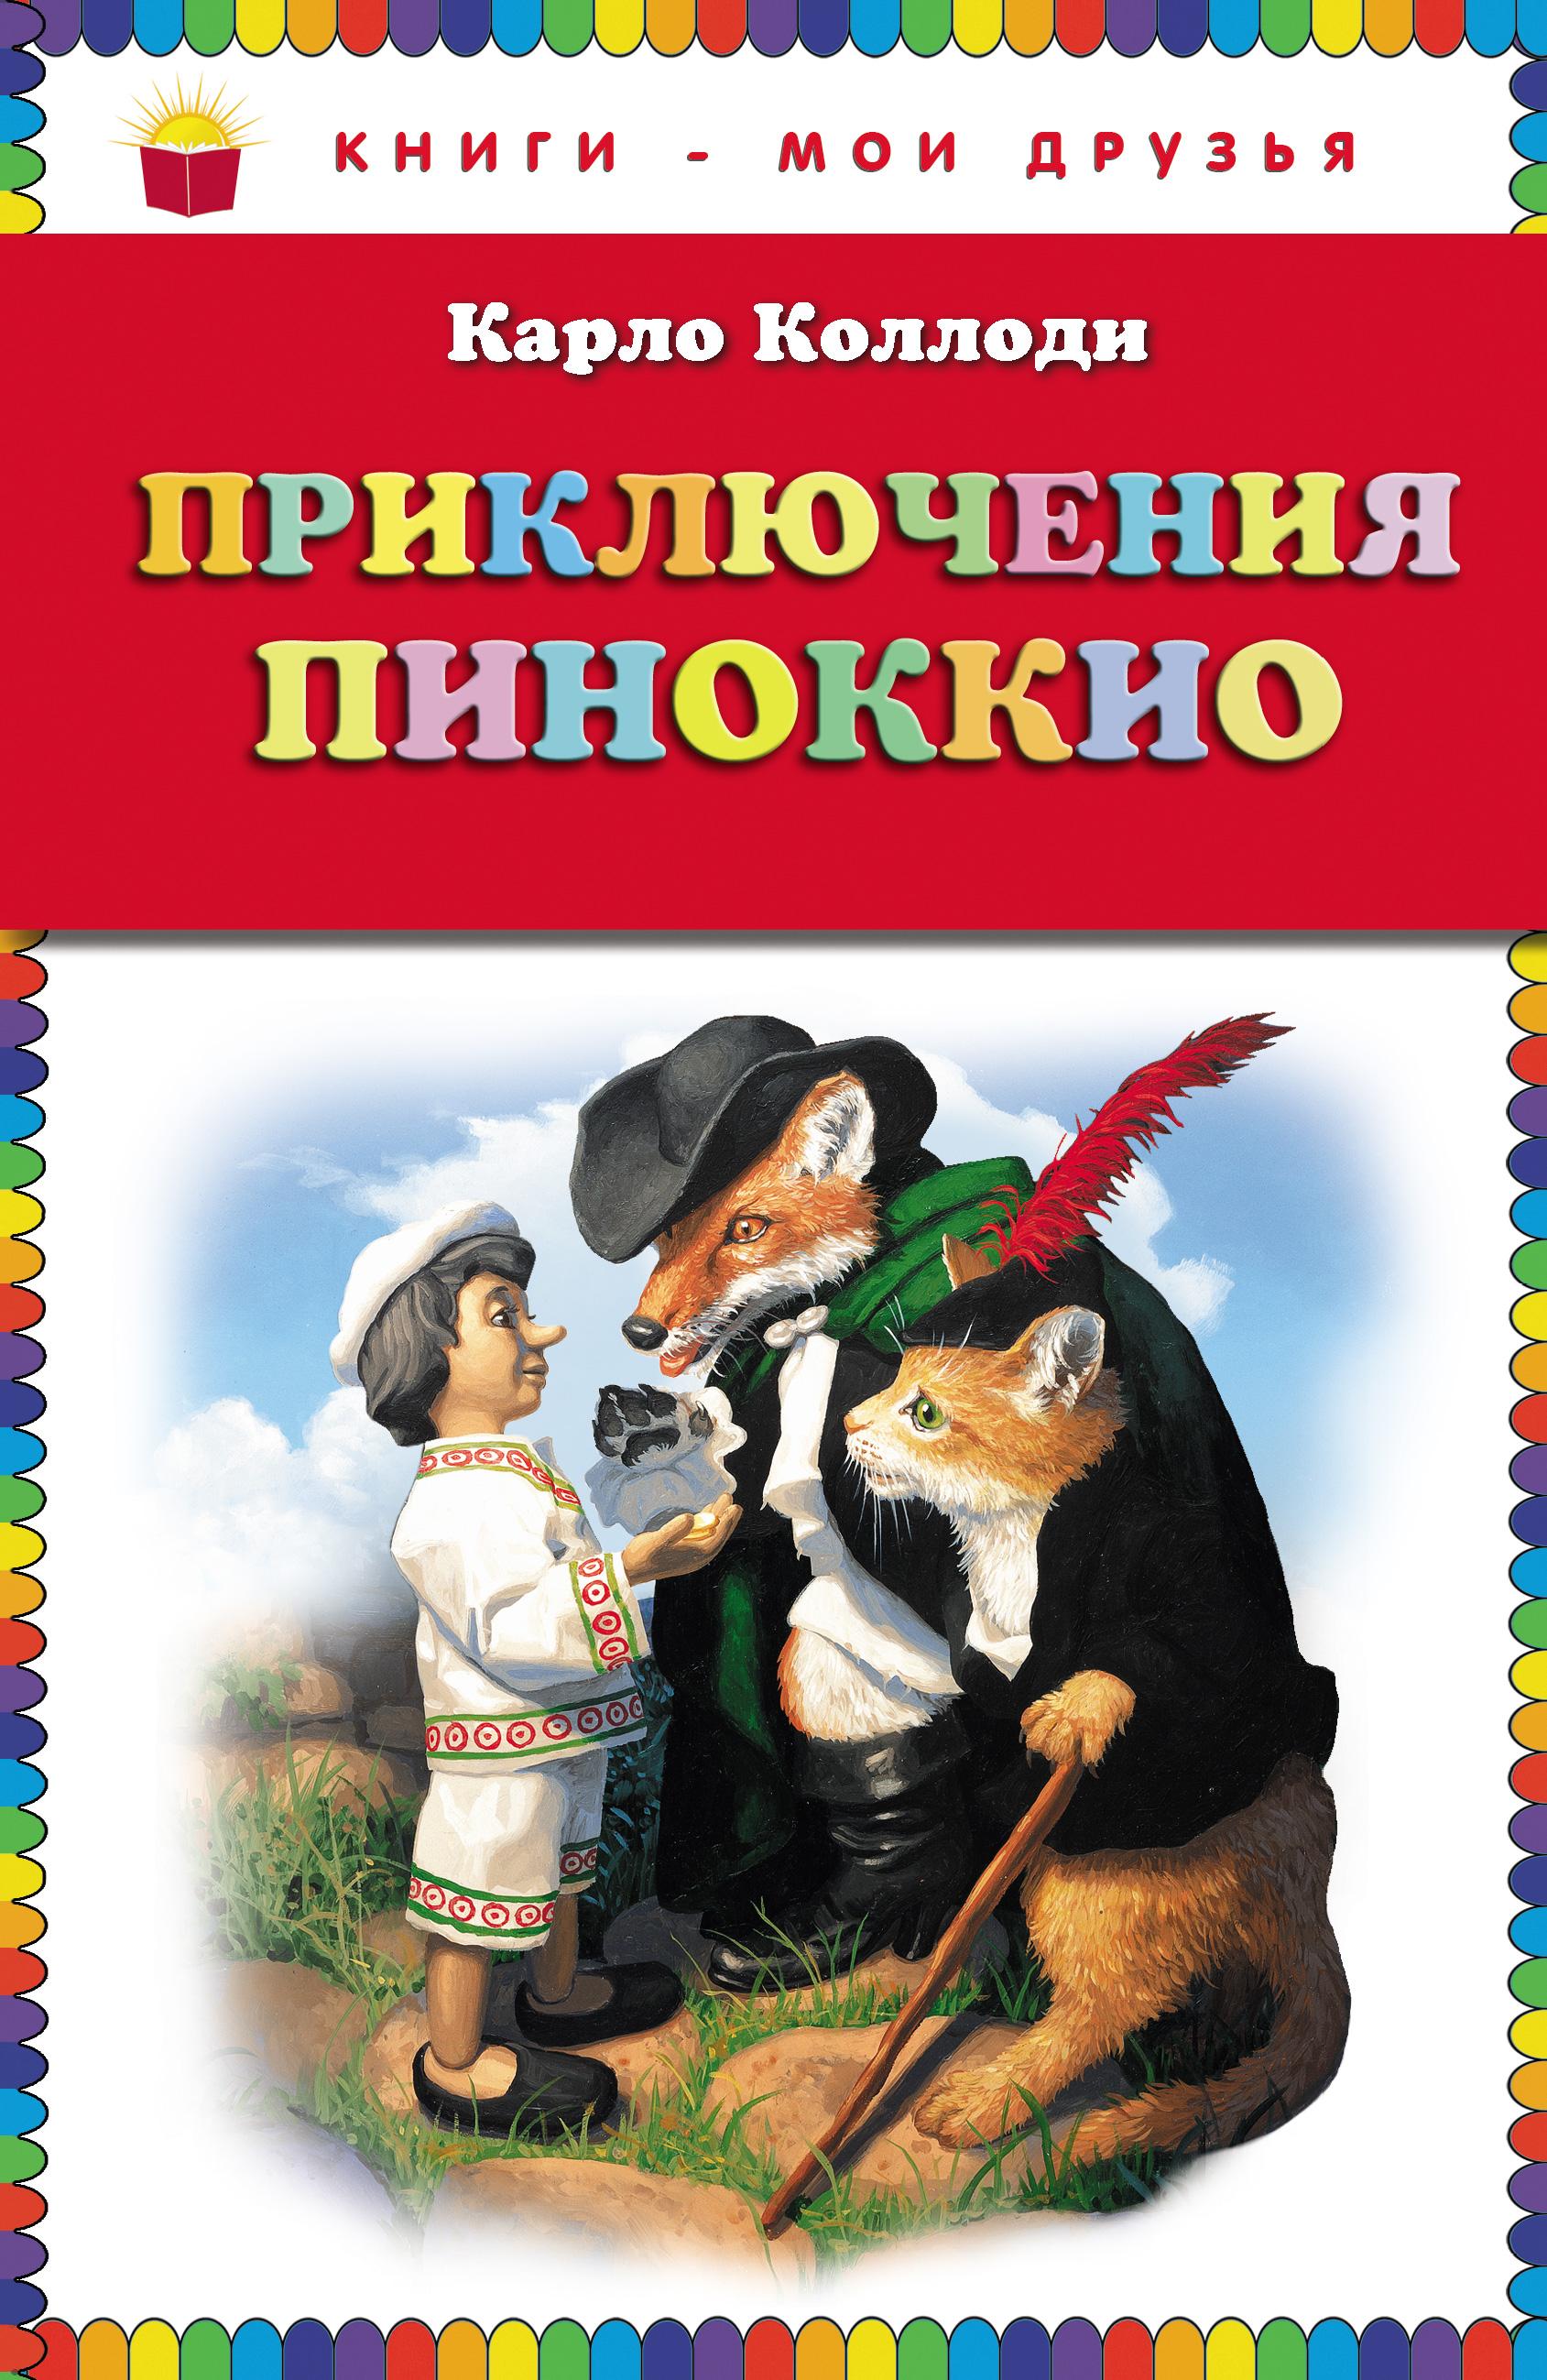 Карло Коллоди Приключения Пиноккио карло коллоди приключения пиноккио